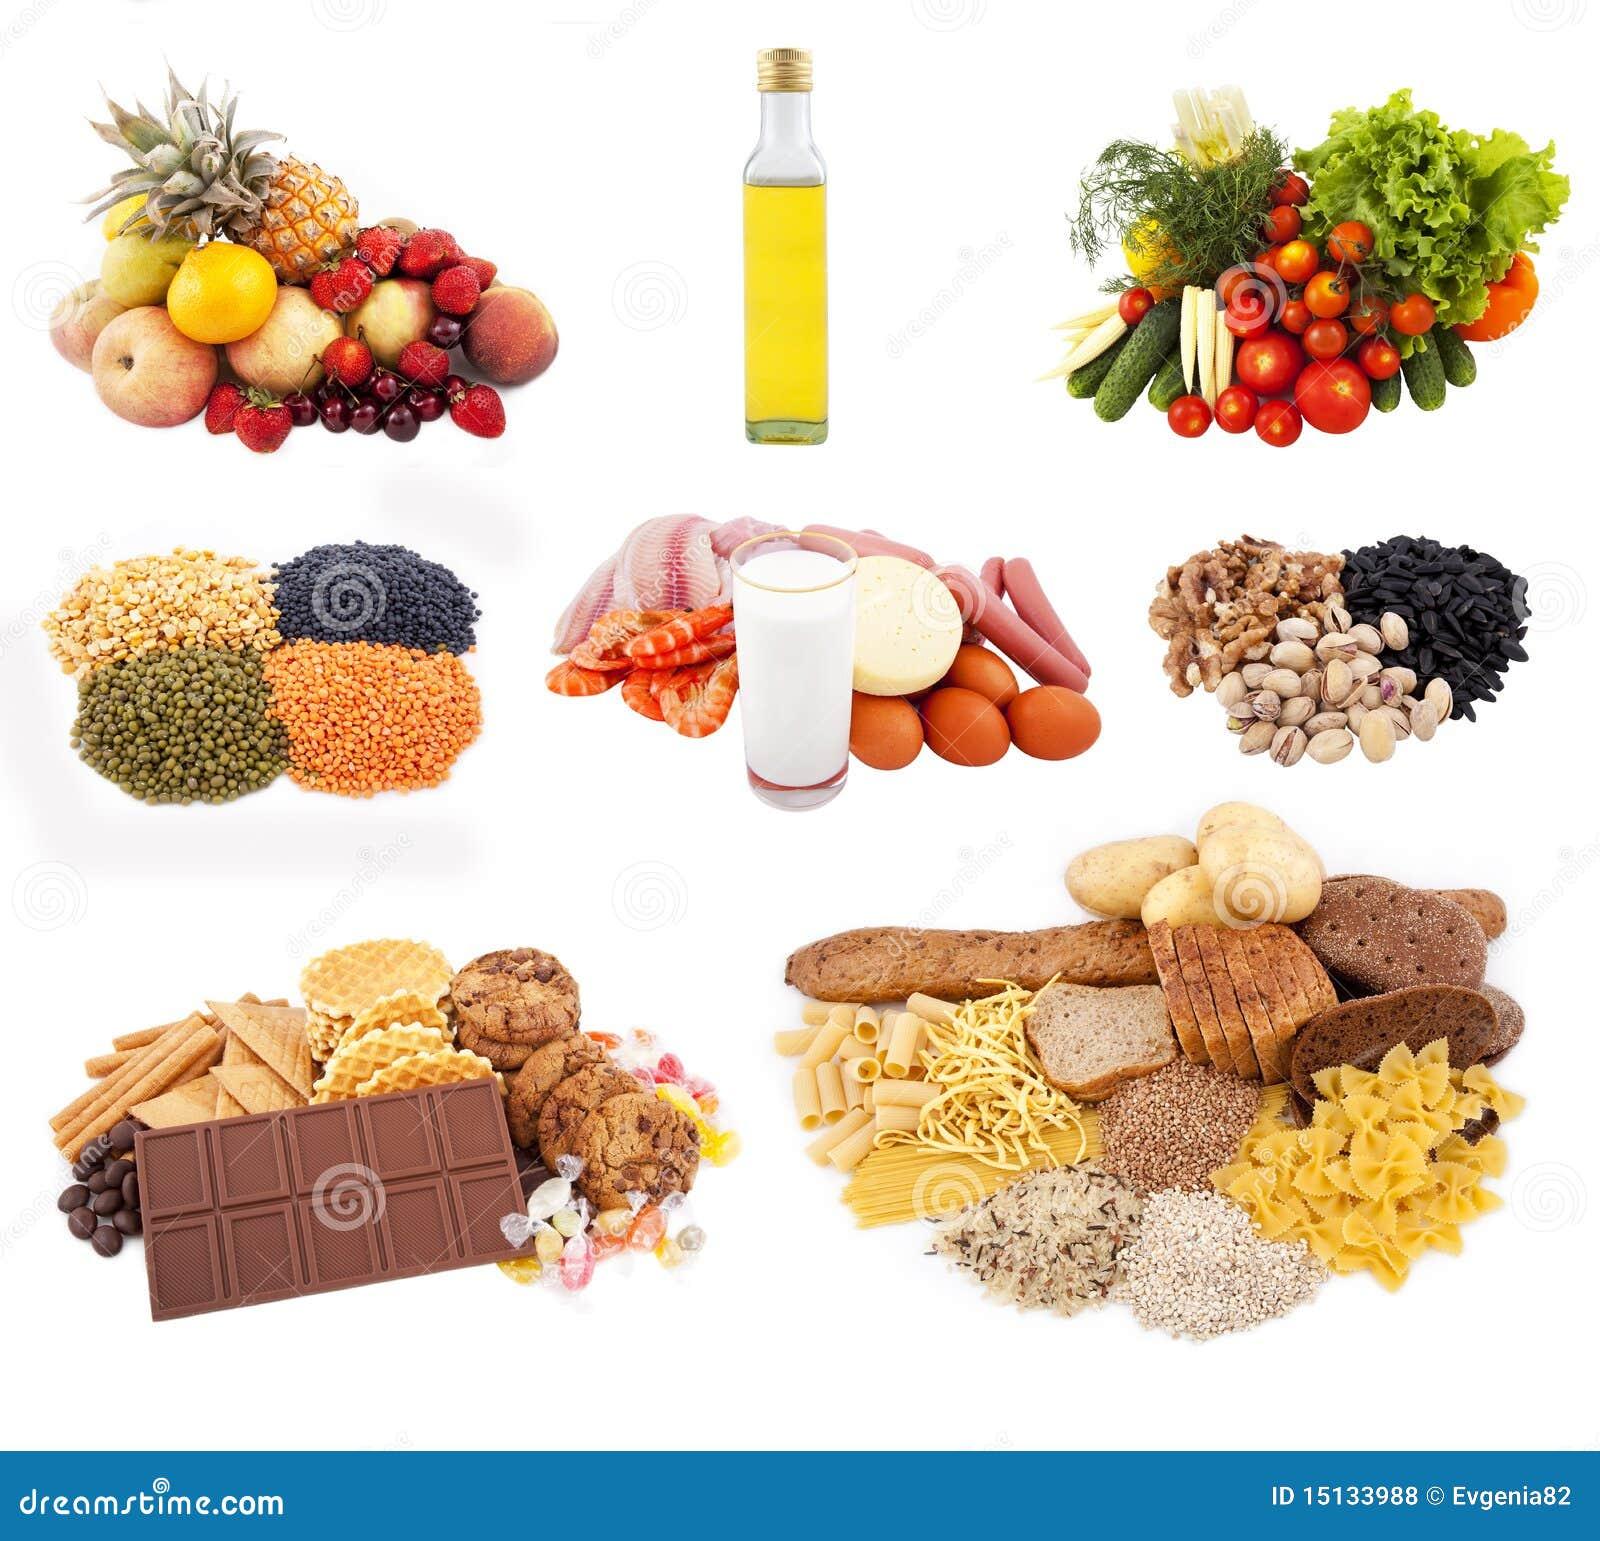 Cocina Separada Para El Sistema De La Dieta De La Nutrición Foto De Archivo Imagen De Tuercas Grano 15133988